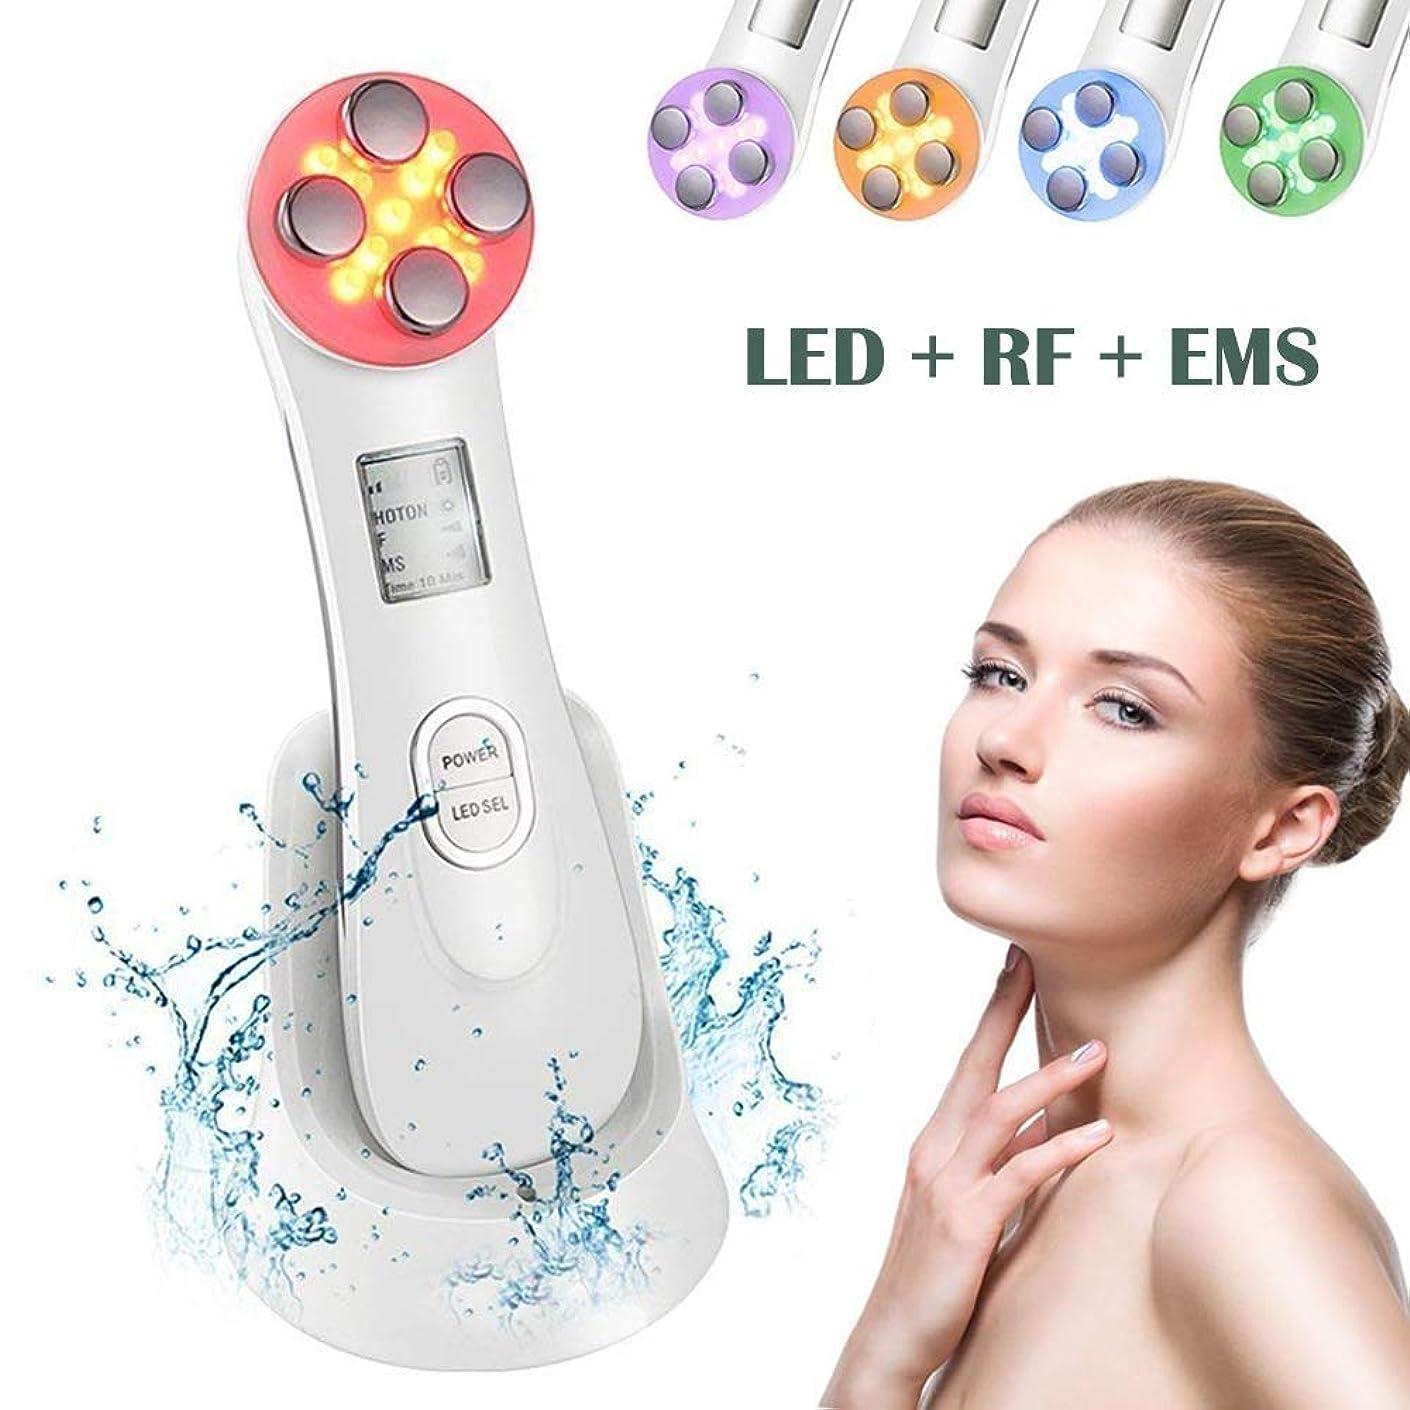 マトリックス矛盾するアルカイック美装置、顔LEDの光子のスキンケア機械表面持ち上がることは、目のしわの心配の器械をきつく締めます